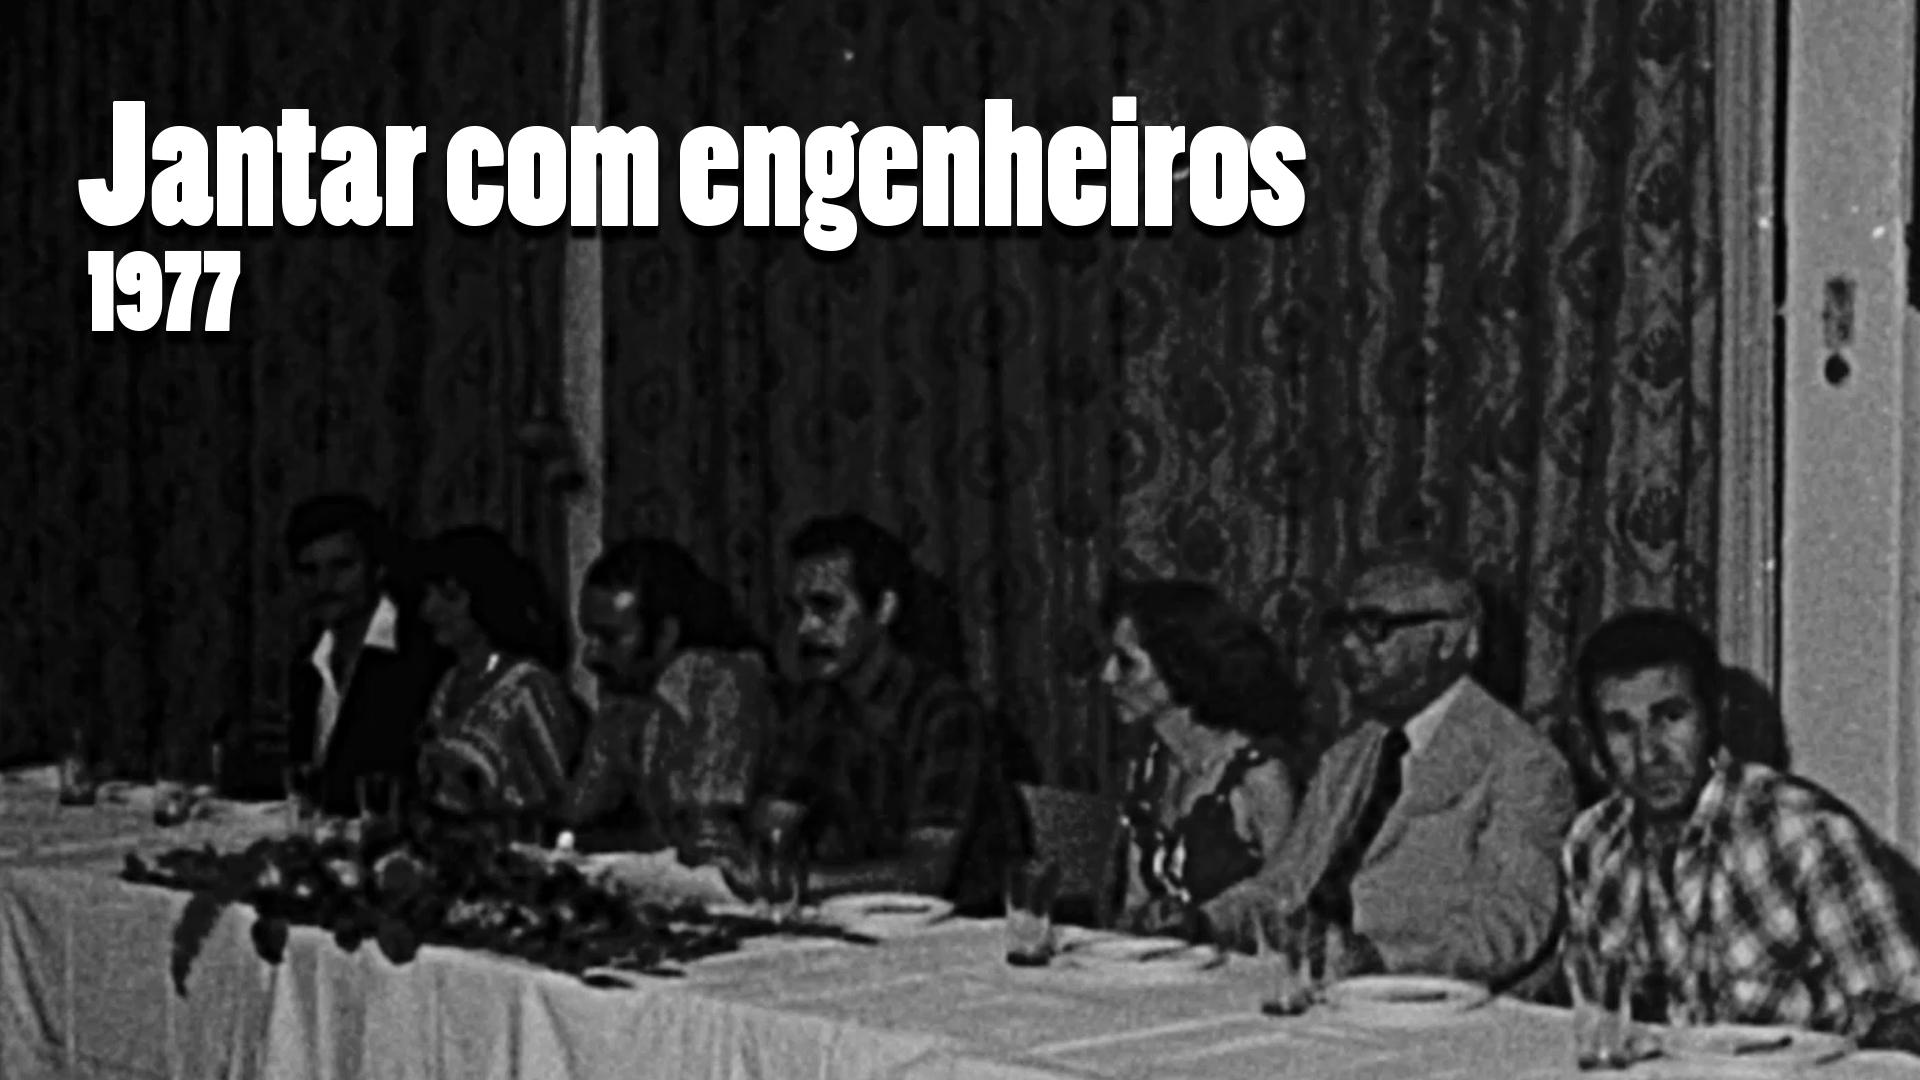 RARIDADE - Jantar com engenheiros em 1977